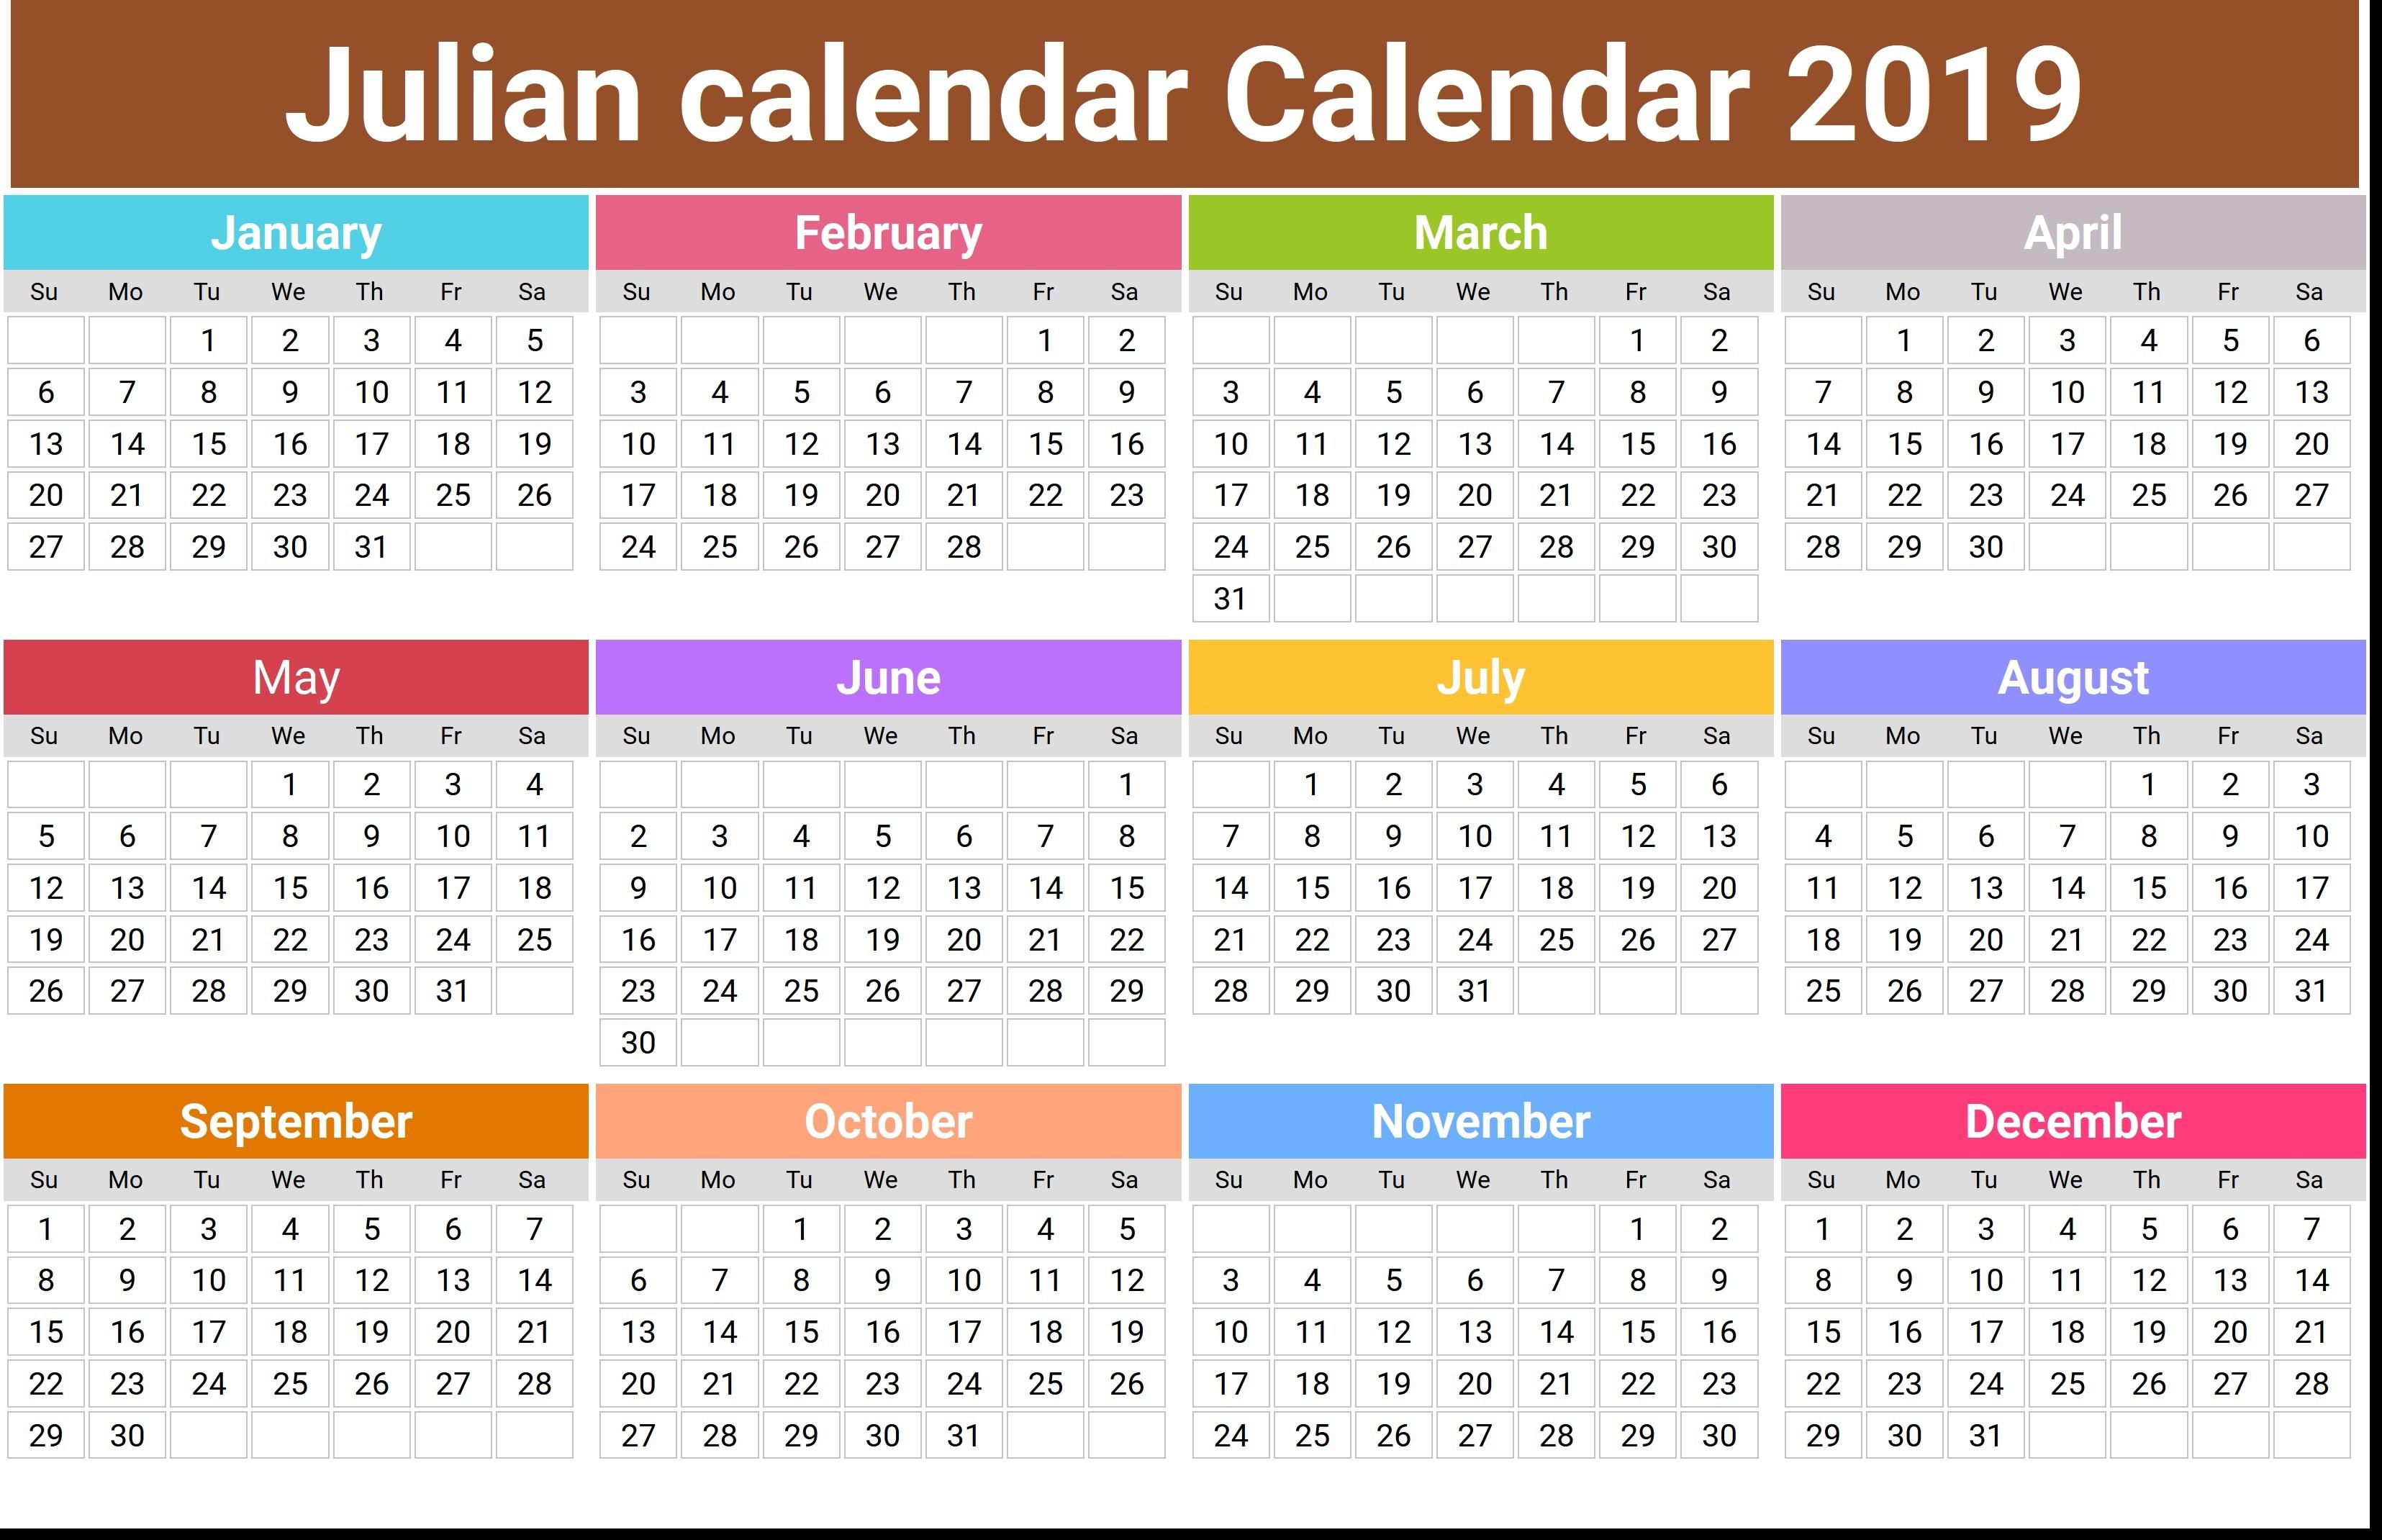 March Calendar Images 2019 Actual Printable Julian Date Calendar 2019 Lara Expolicenciaslatam Of March Calendar Images 2019 Más Recientemente Liberado Printable Calendar Templates Empty Calendar Template Awesome Elegant